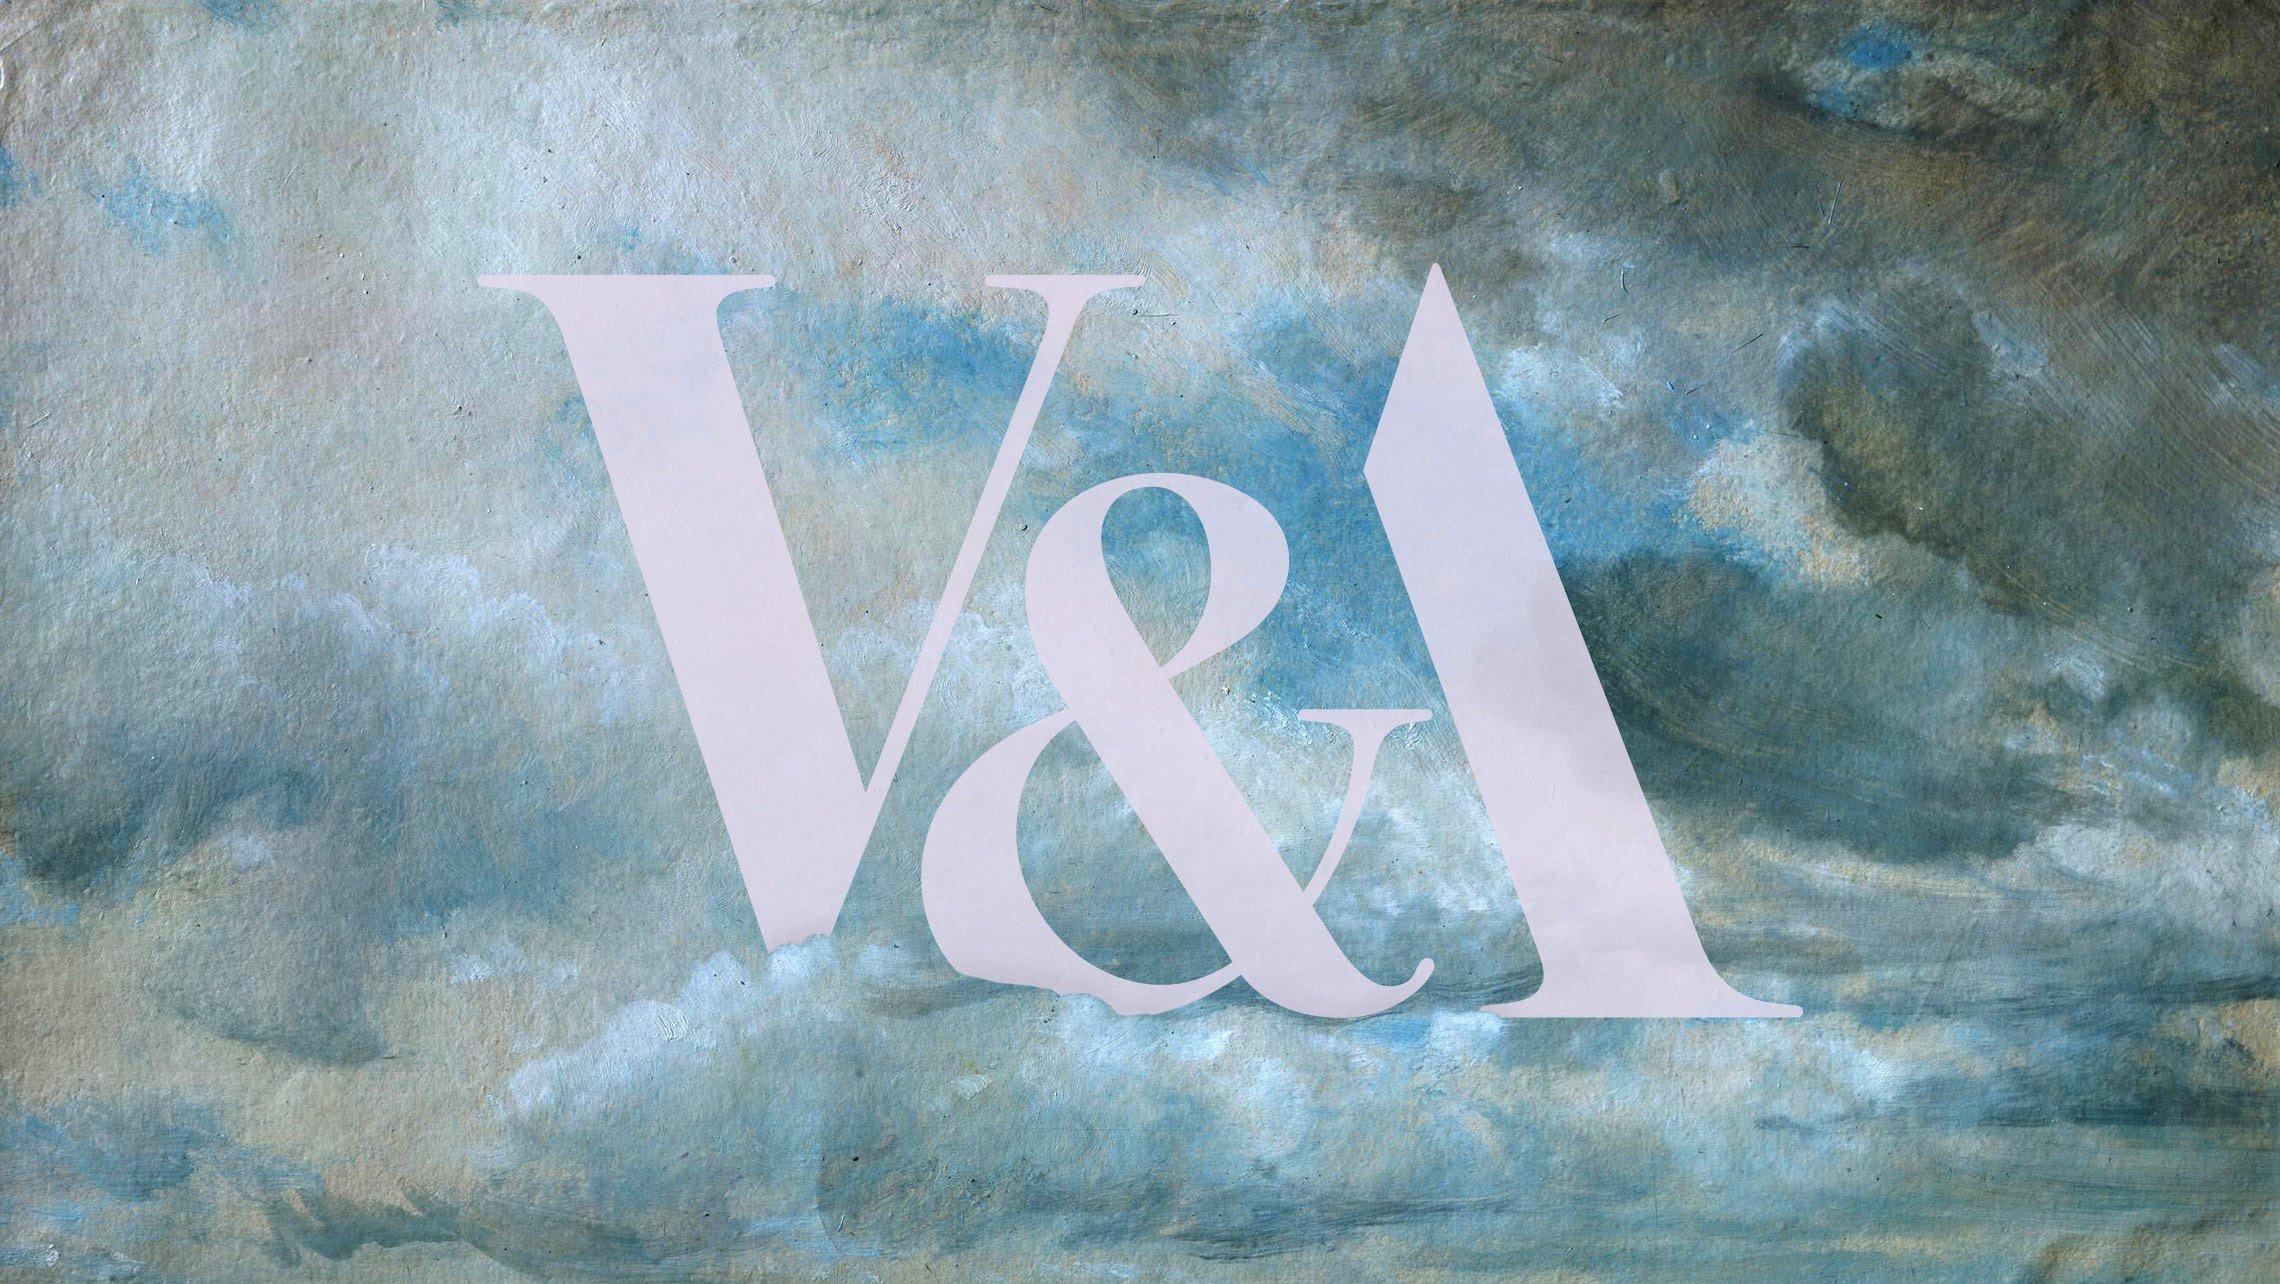 Брендинг V&A